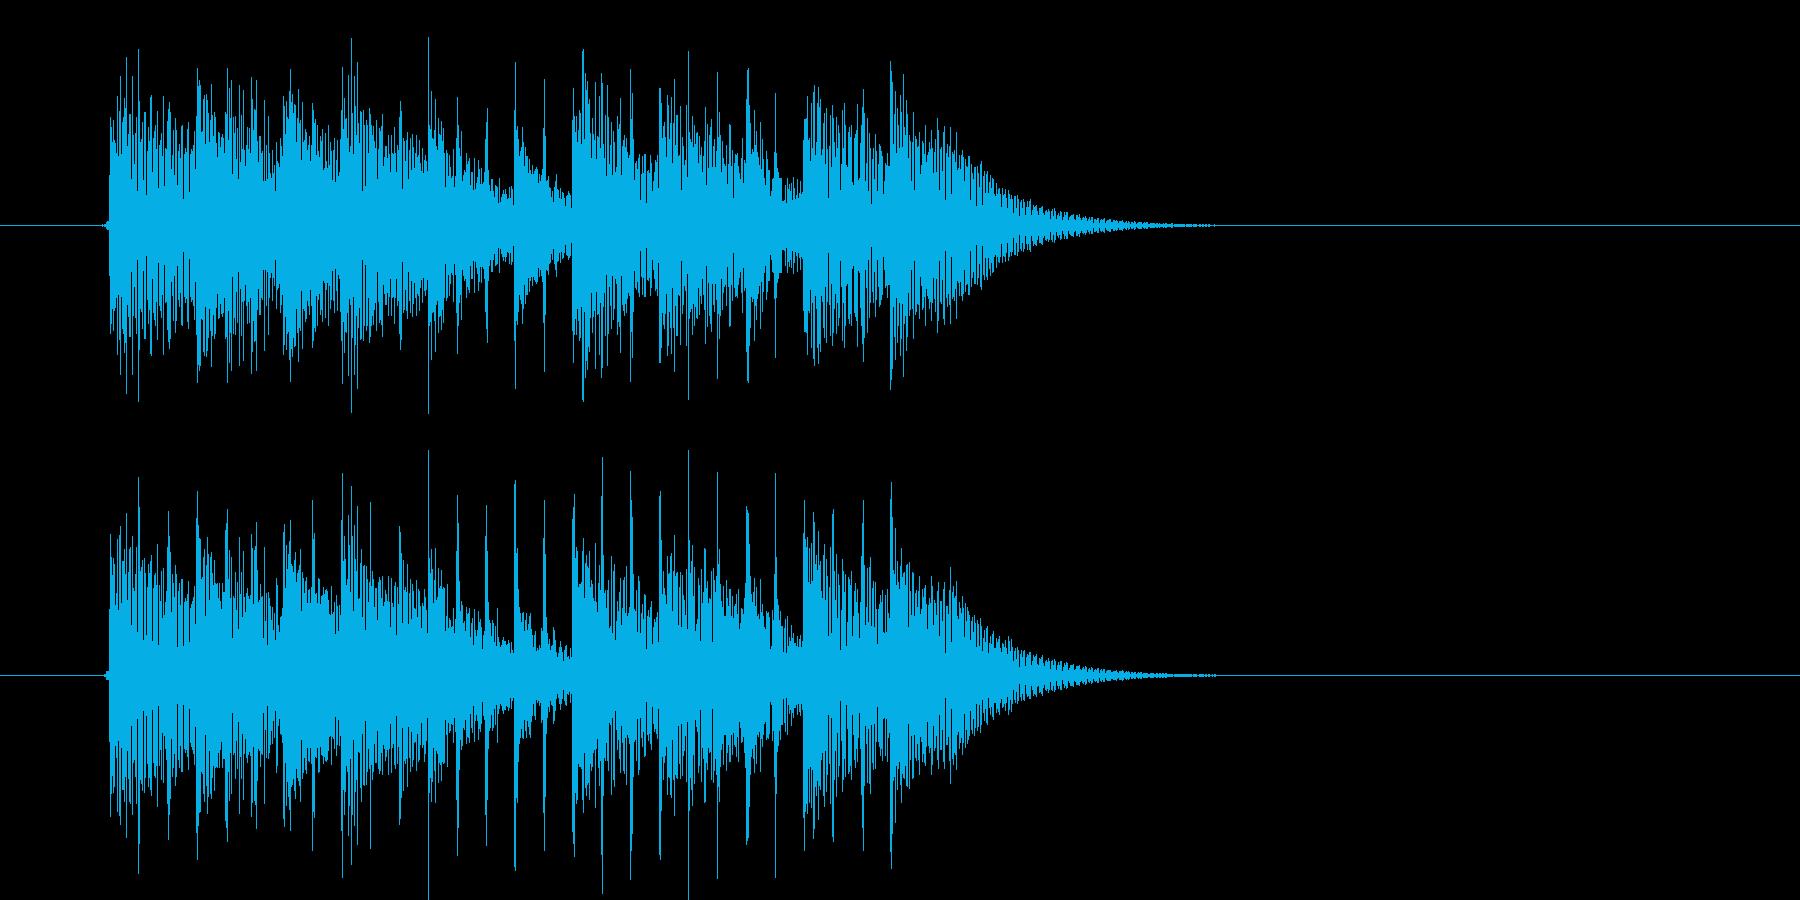 クールな疾走感のジングル、サウンドロゴの再生済みの波形